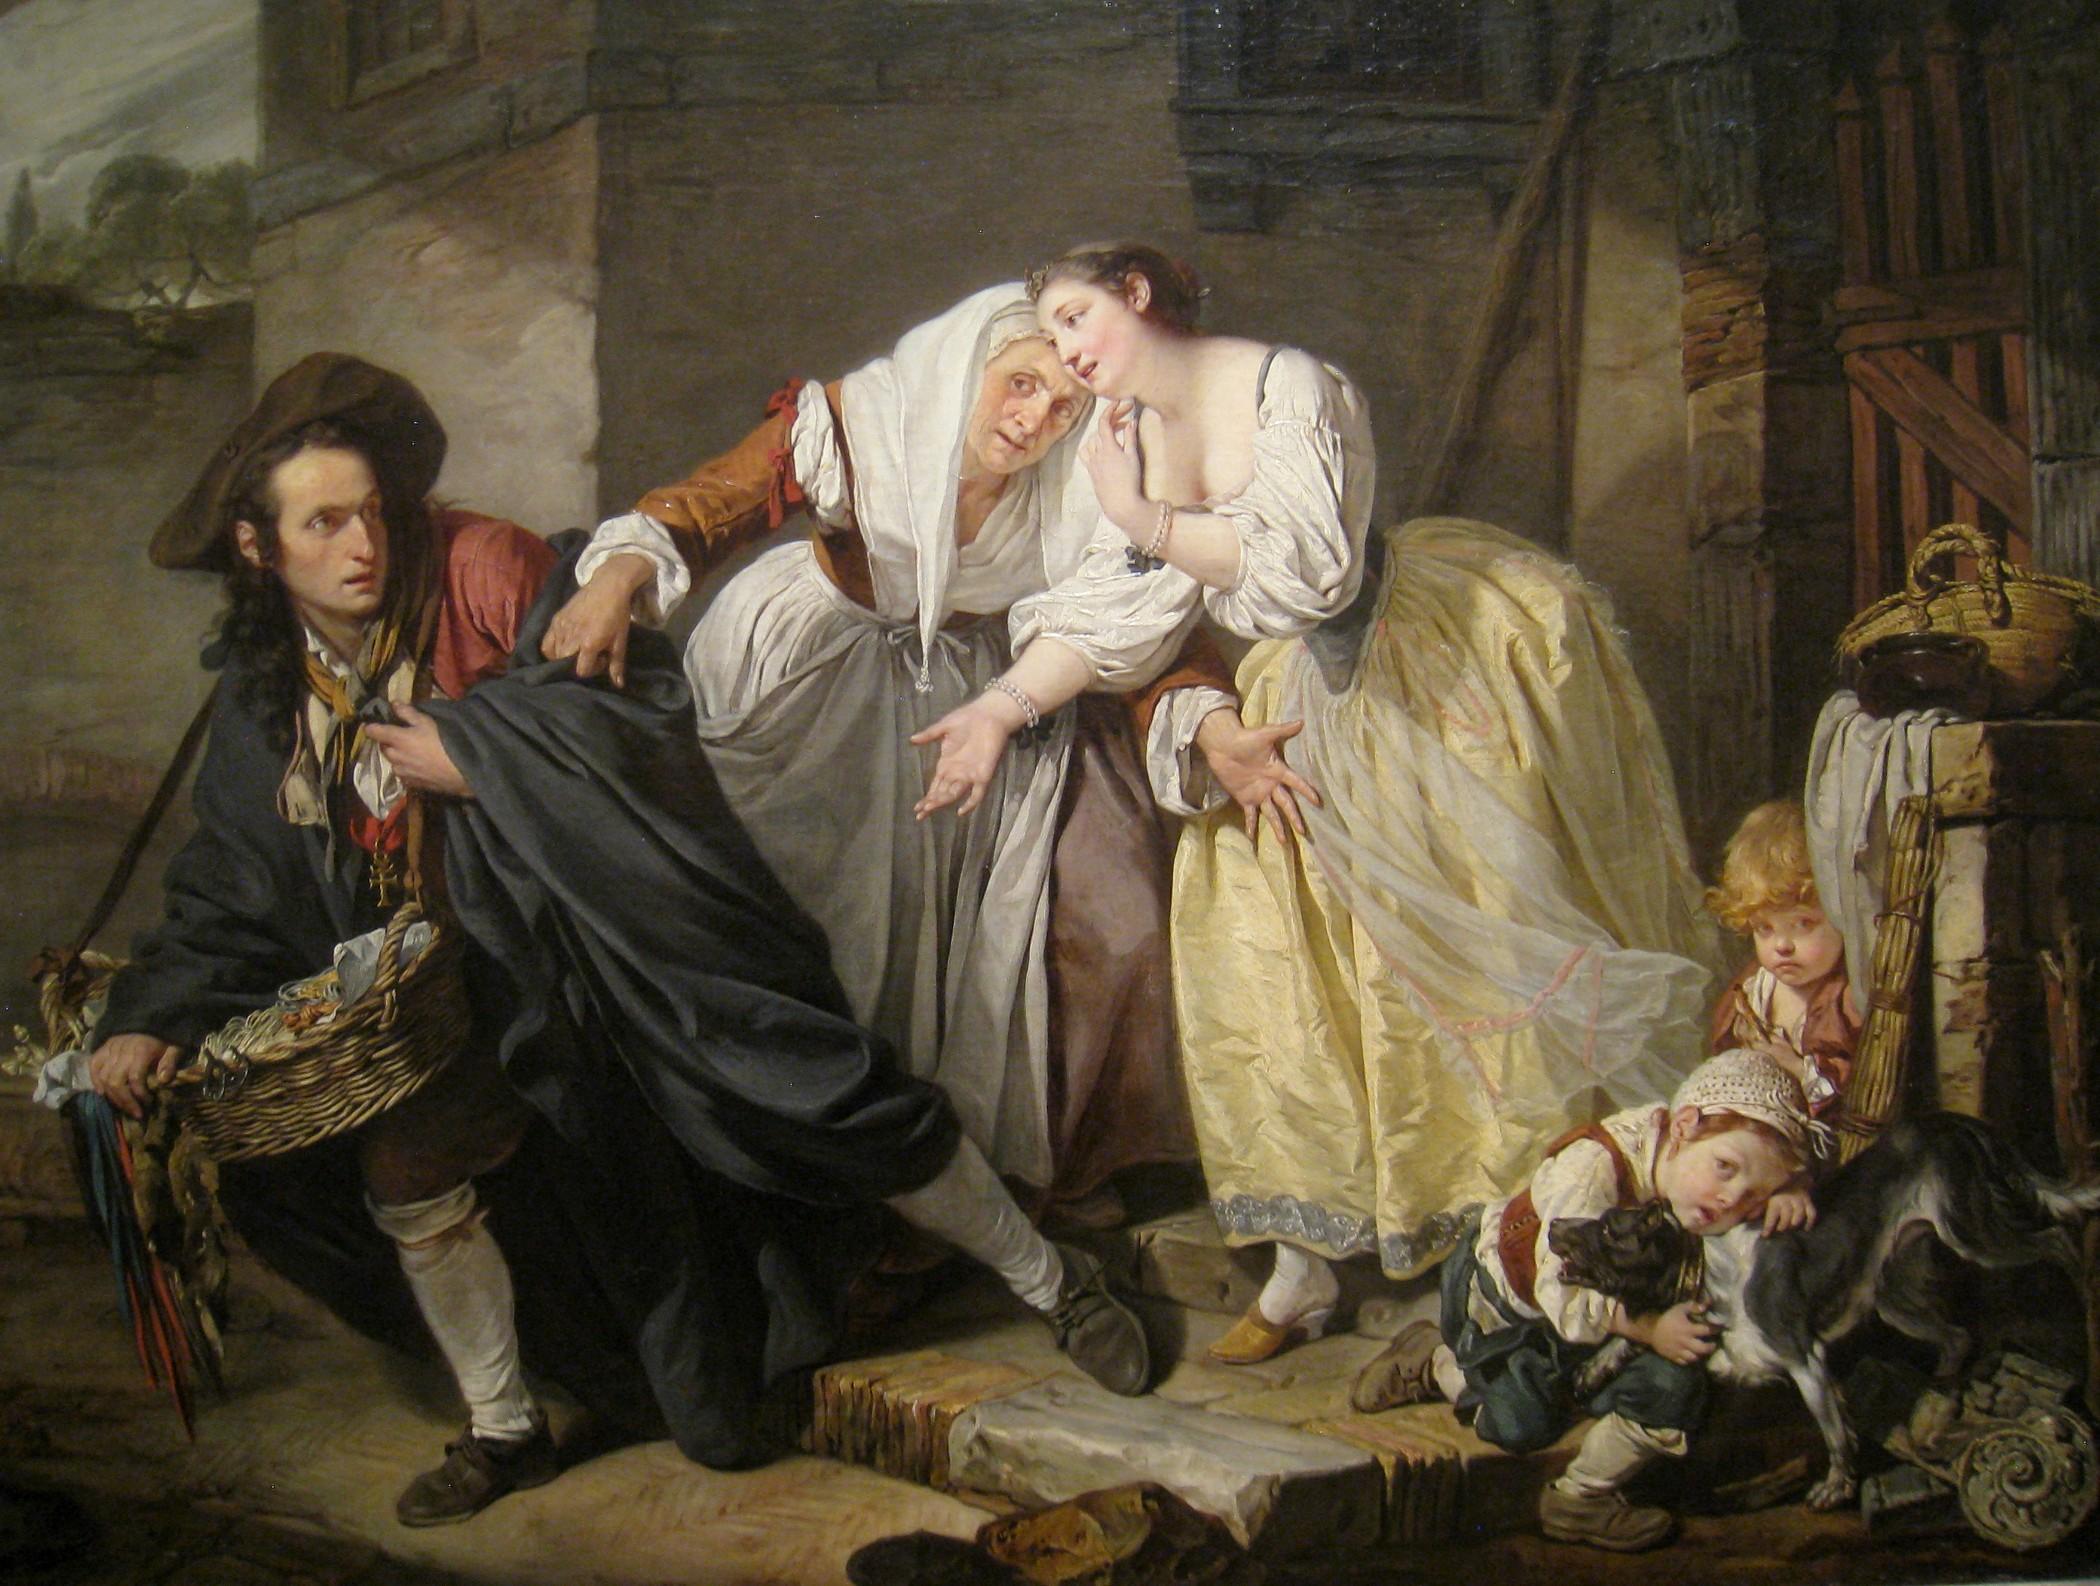 La Geste Napolitain By Jean Baptiste Greuze 1757 The